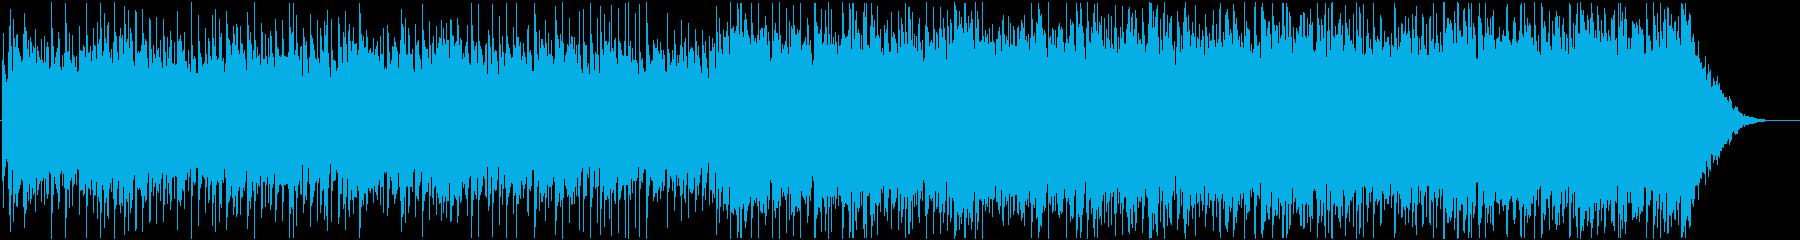 爽やかなバンド系ポップス♪リズム抜きの再生済みの波形